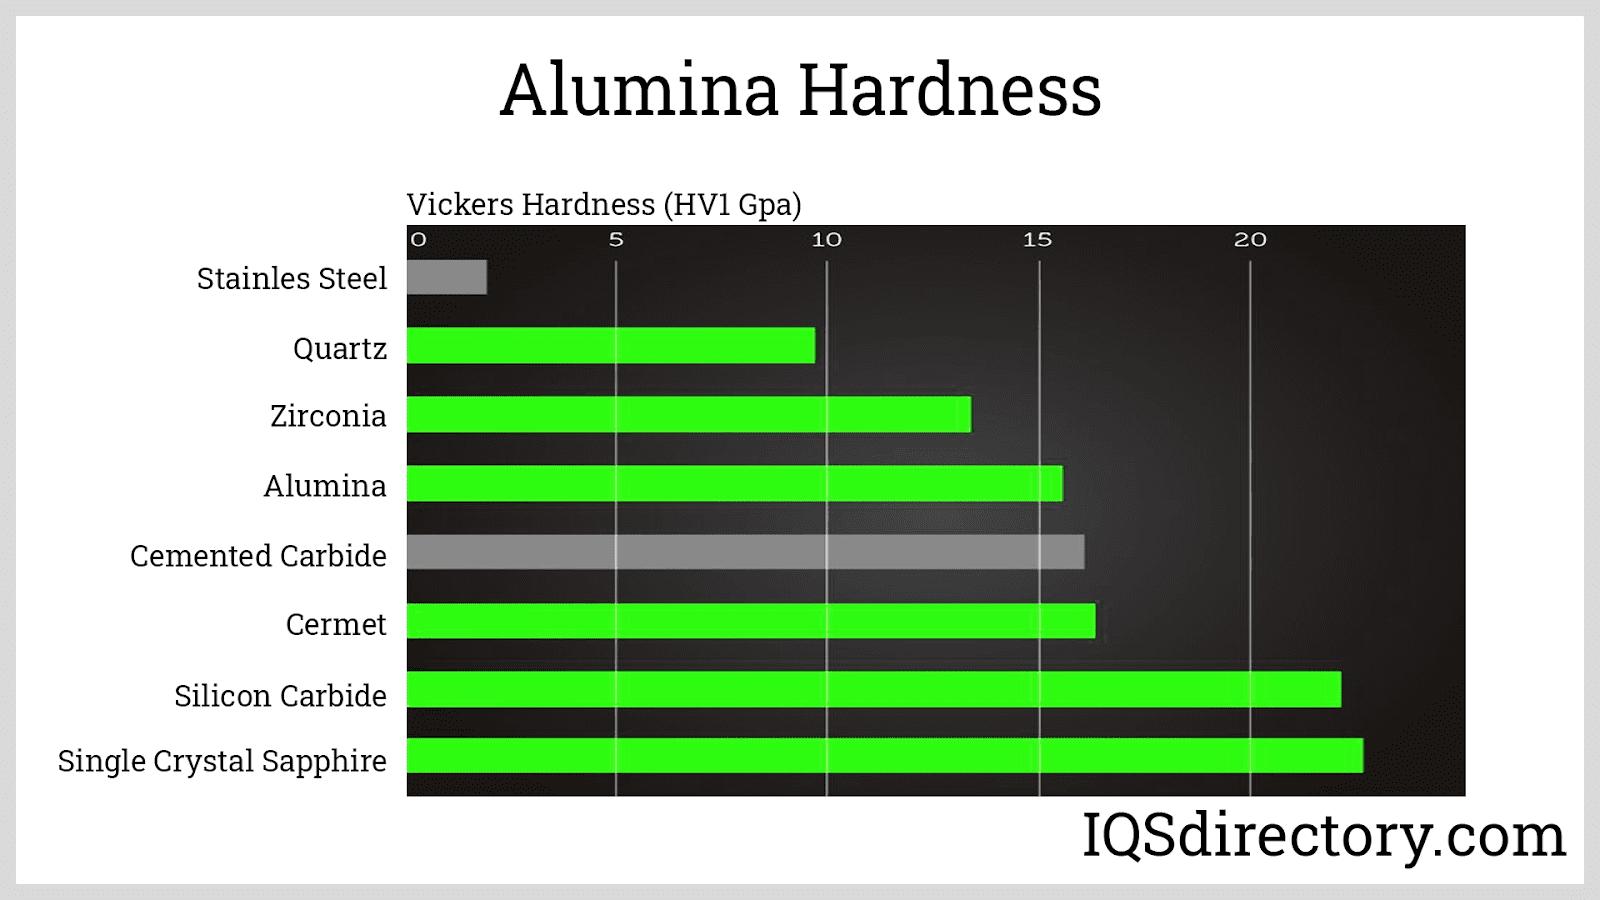 Alumina Hardness